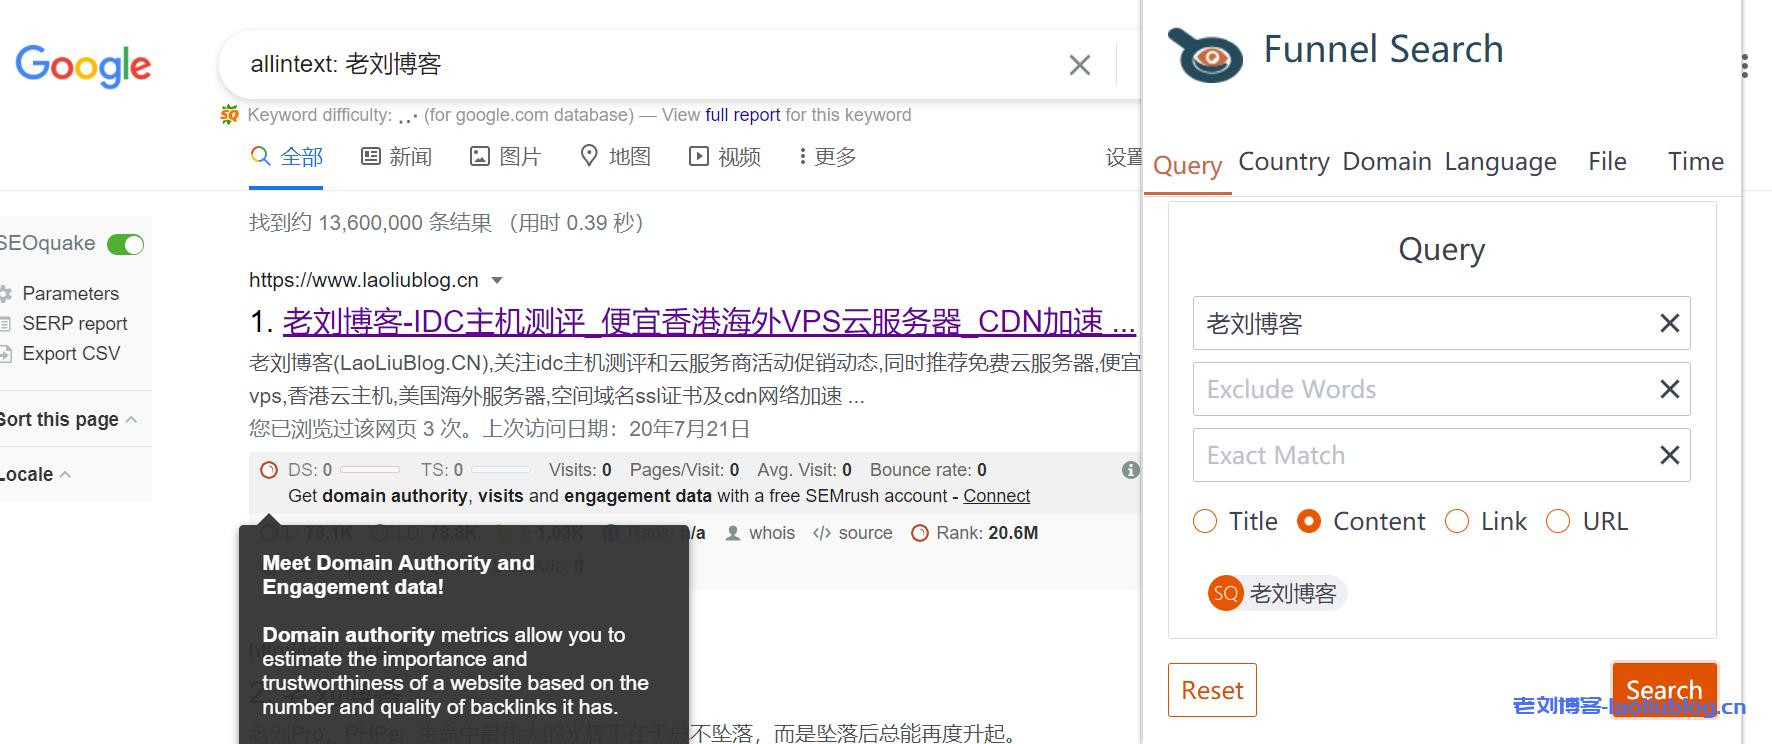 如何高效上网冲浪?推荐这6款浏览器扩展插件:Funnel Search、Blink、简阅、Podcastle AI、Survol和秘塔写作猫附插件地址